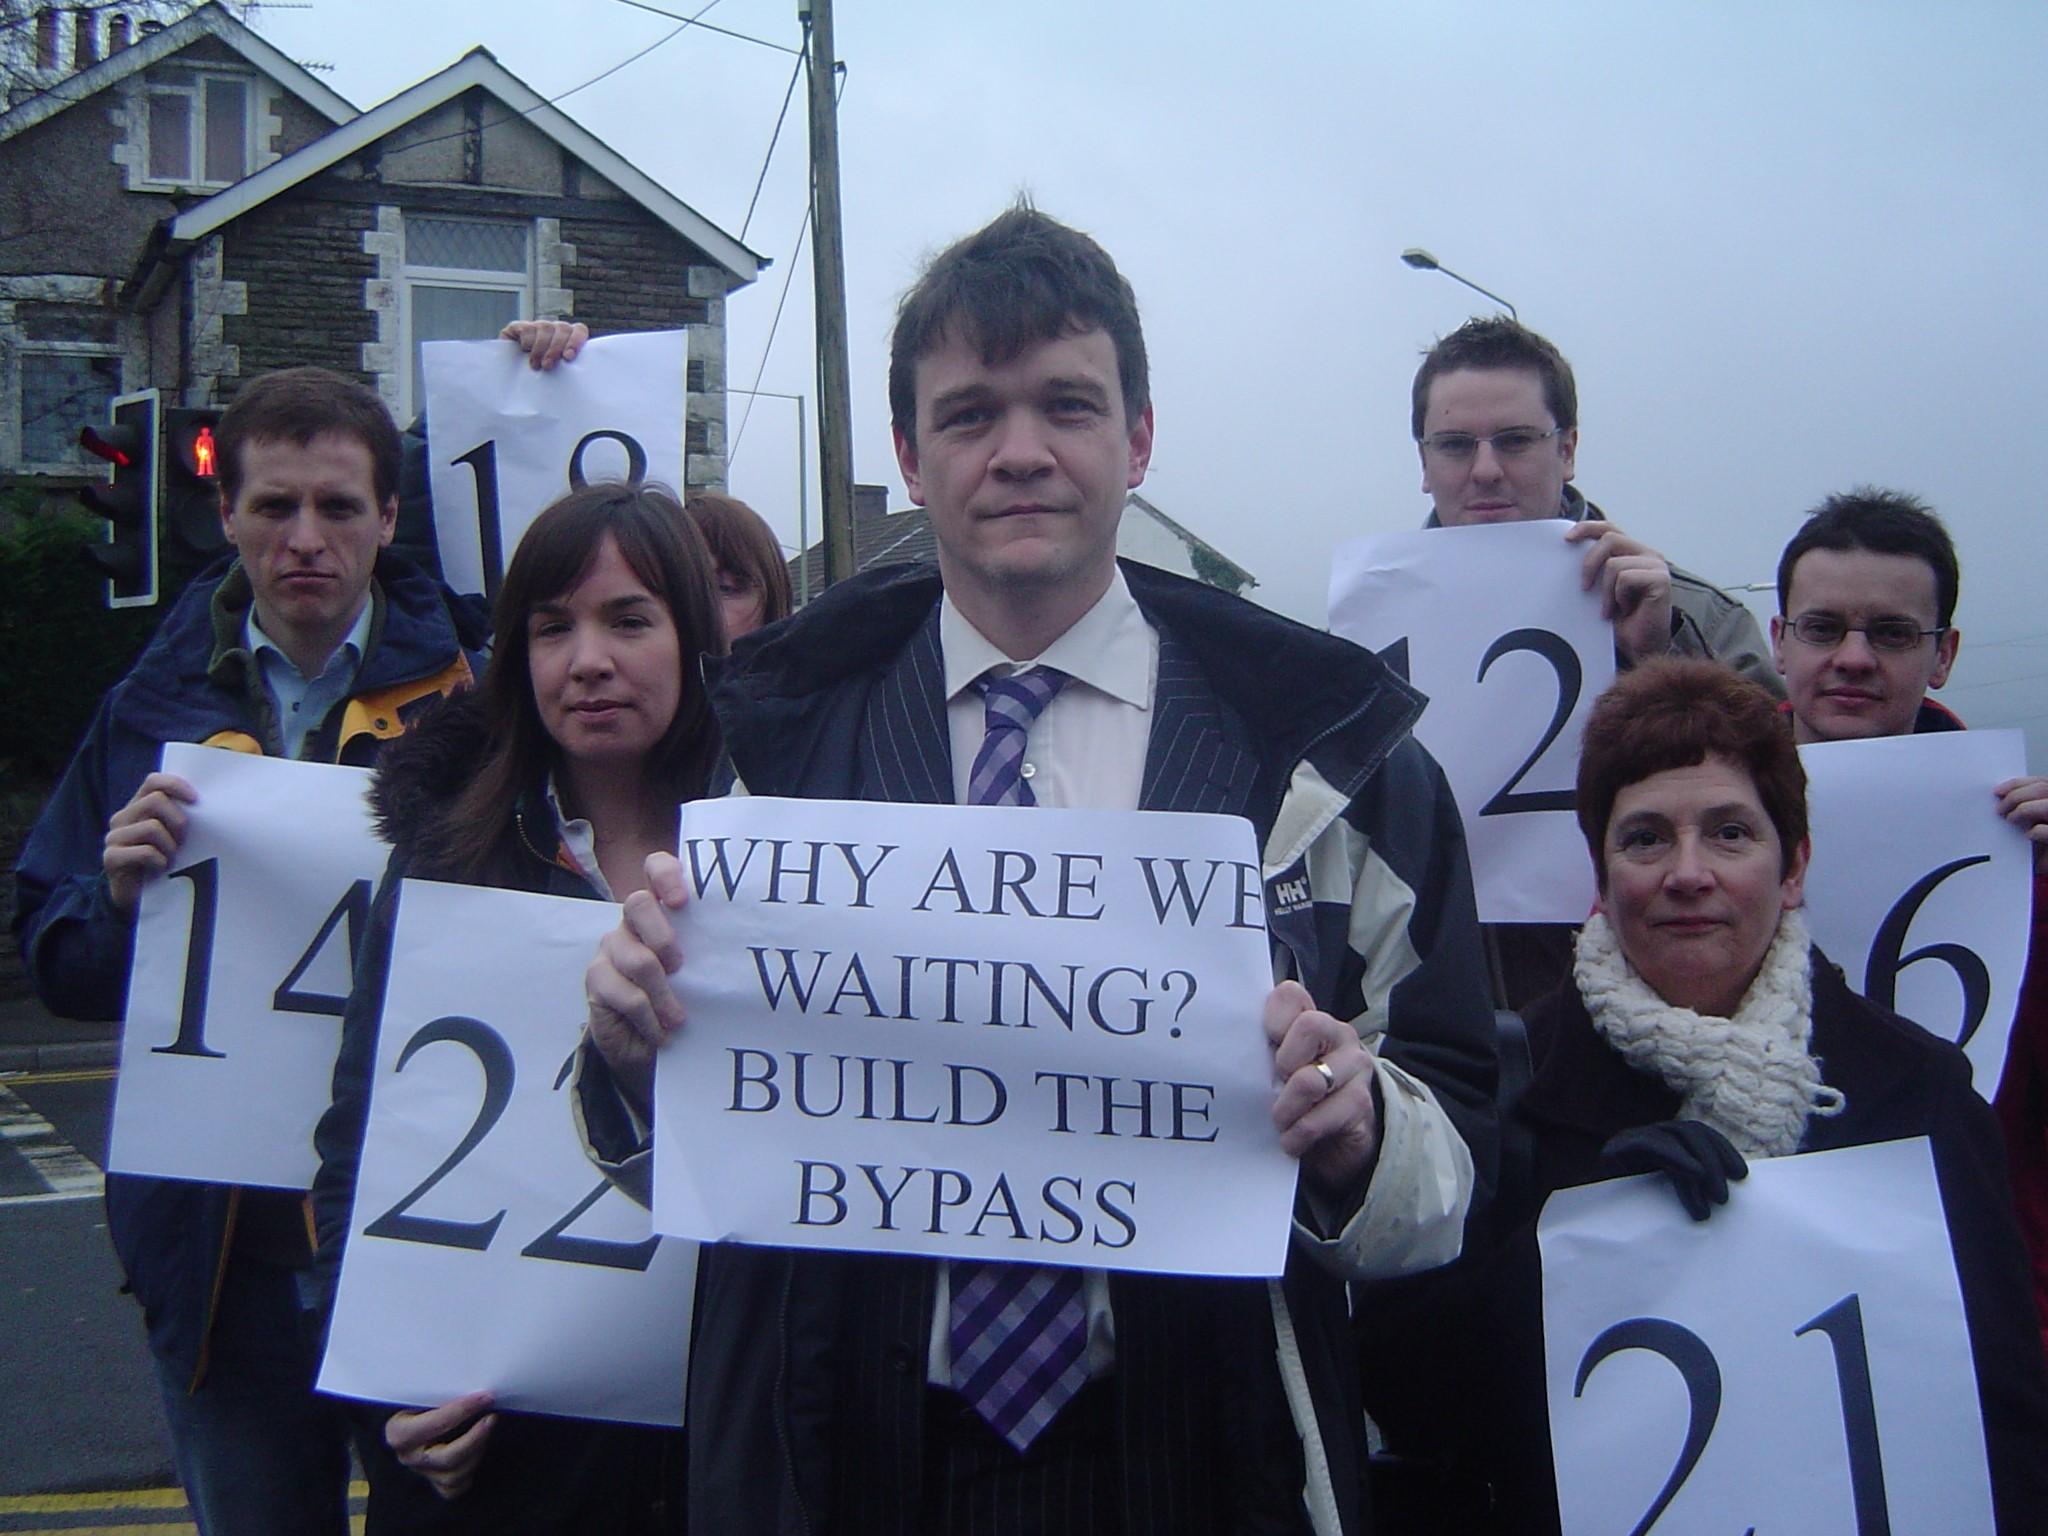 Richard_Grigg_2007_church_villge_bypass.jpg